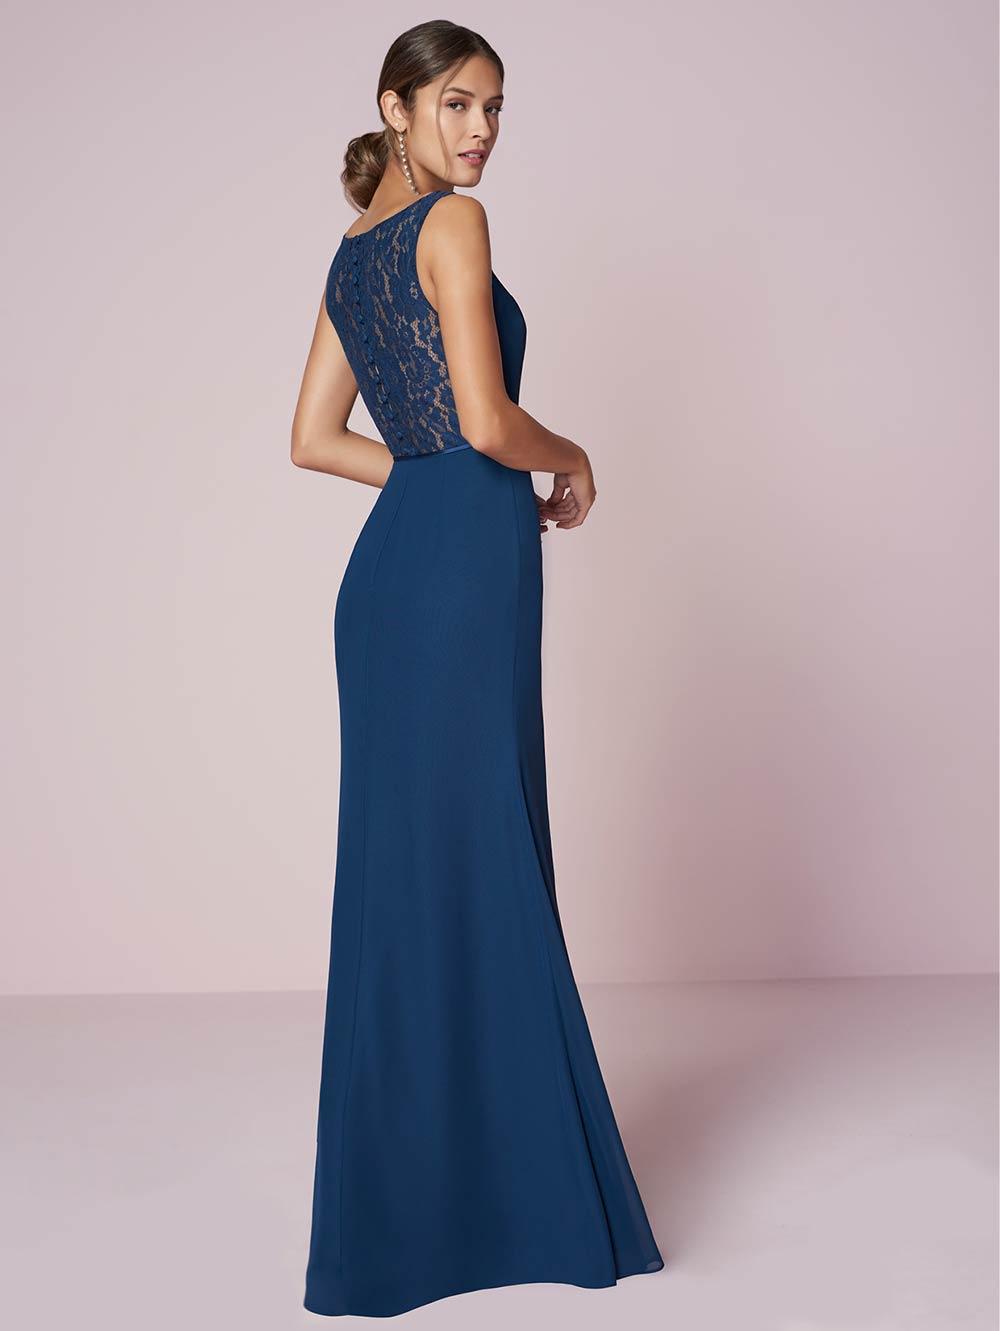 bridesmaid-dresses-jacquelin-bridals-canada-27763